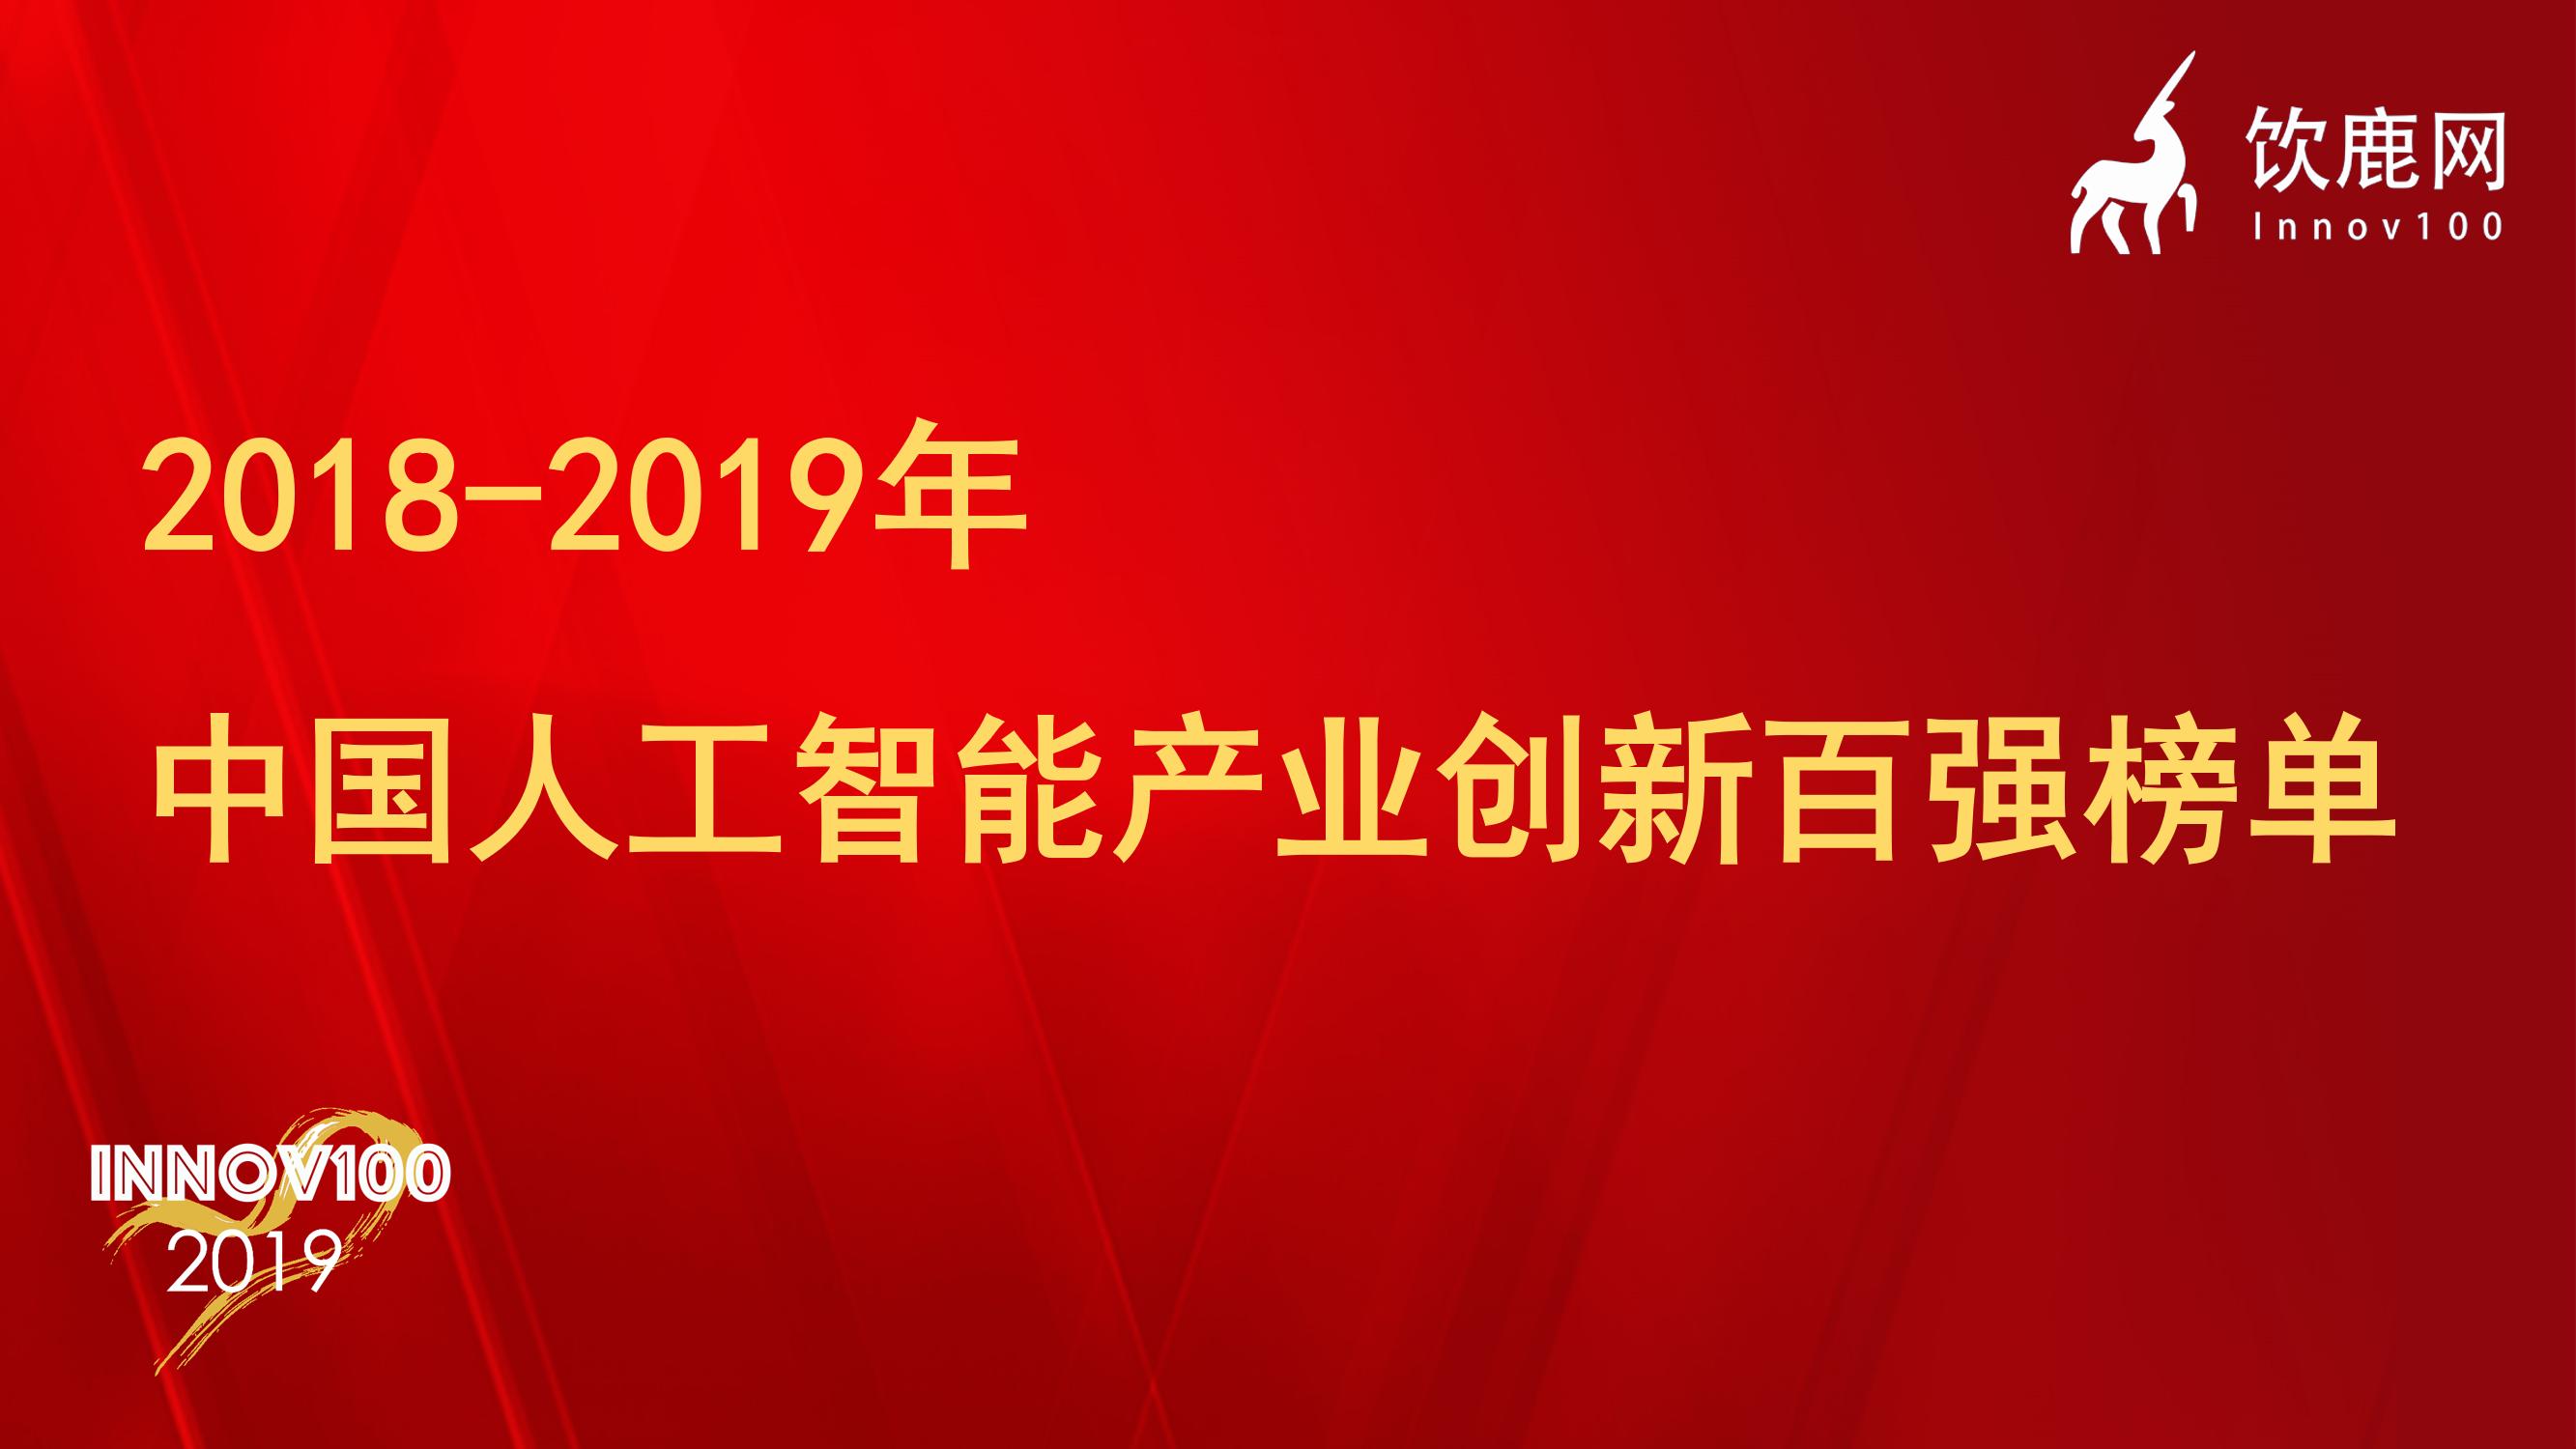 饮鹿网2018-2019年中国人工智能产业创新百强榜单发布!